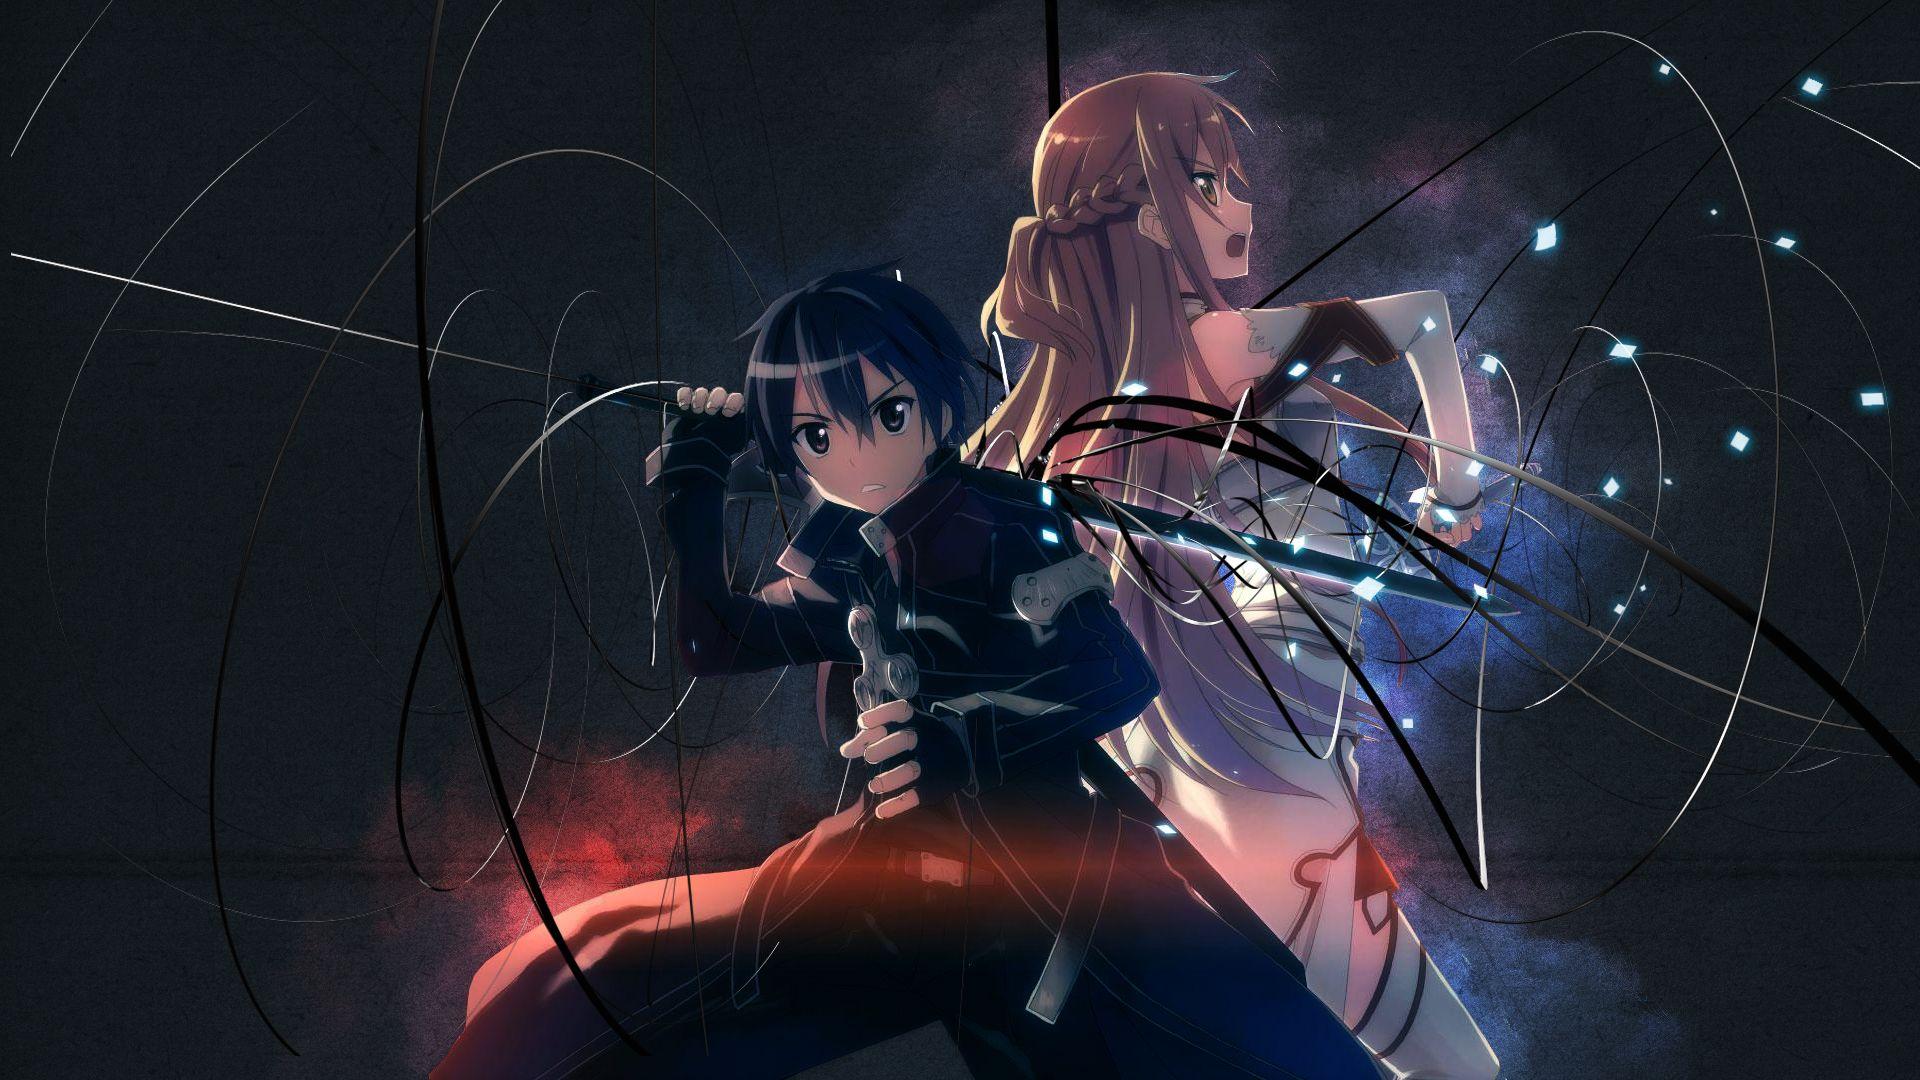 Anime Sword Wallpaper 1920x1080 Pictures 5 Sword Art Online Wallpaper Sword Art Sword Art Online Asuna